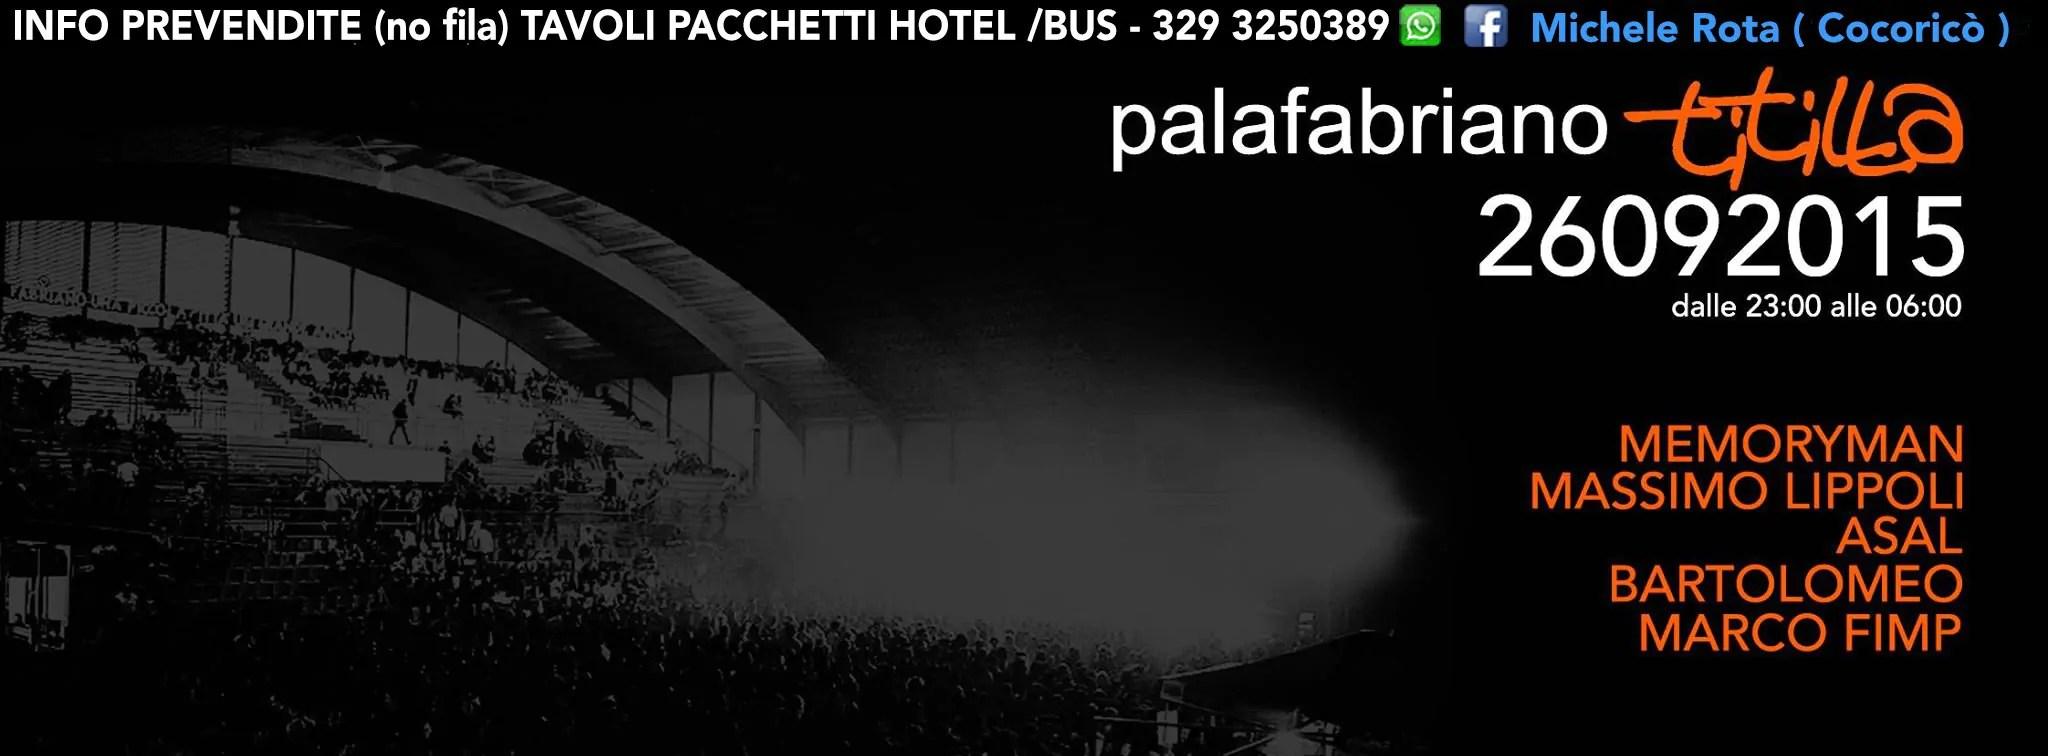 Sabato 26/09/2015 PALAFABRIANO Titilla by CoCoRiCò + PREZZI PREVENDITE BIGLIETTI TAVOL I+ PULLMAN